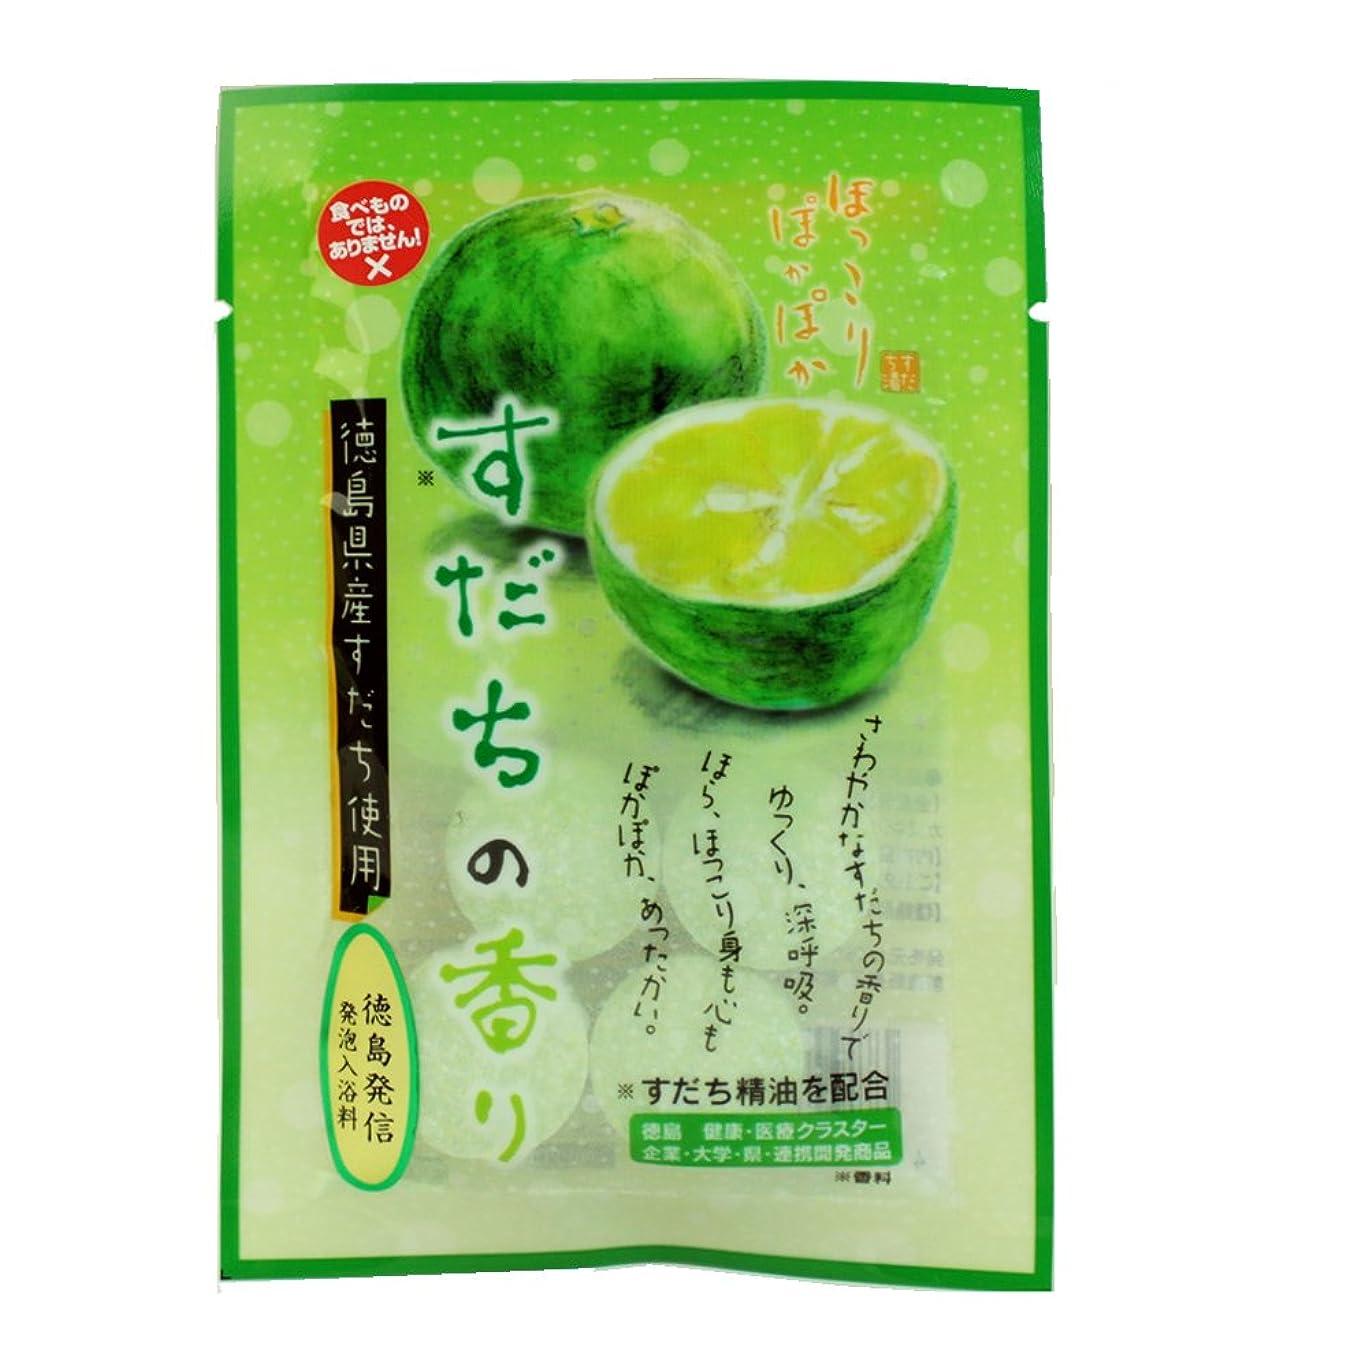 豊富なジュニア便利すだちの香り 発泡入浴料 1袋 徳島県産すだち使用 860